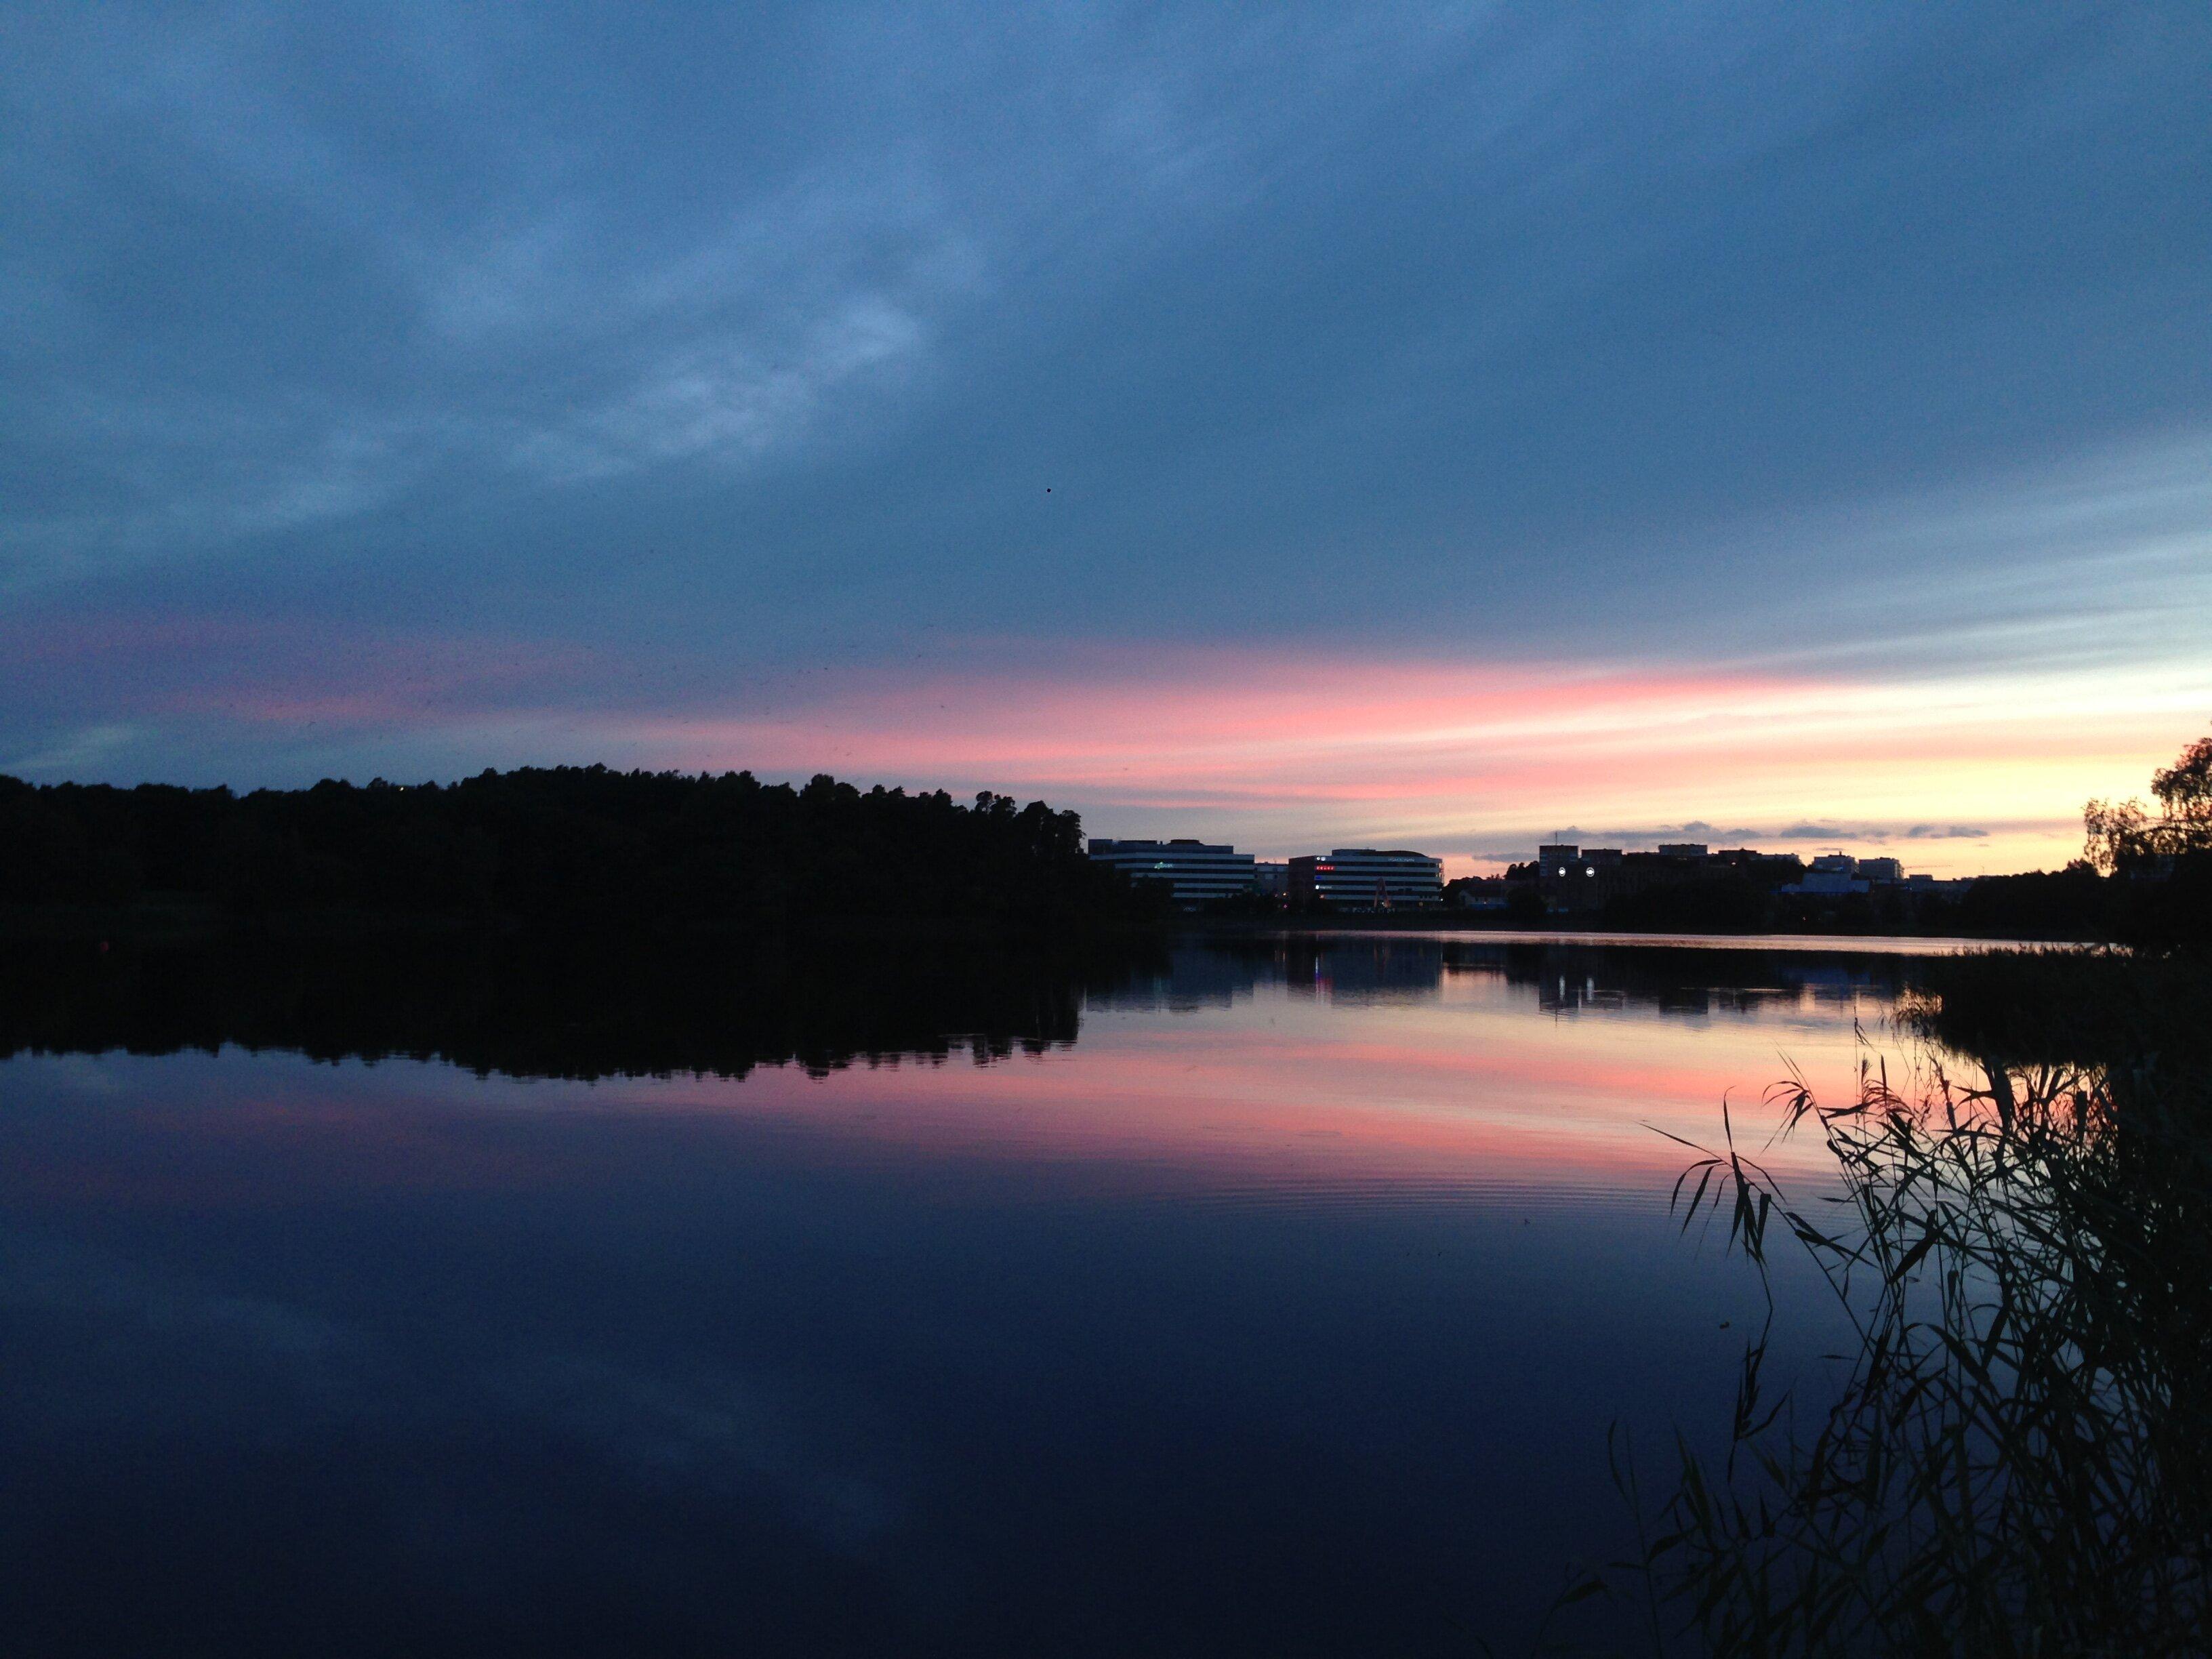 ストックホルム, スウェーデン, 景色